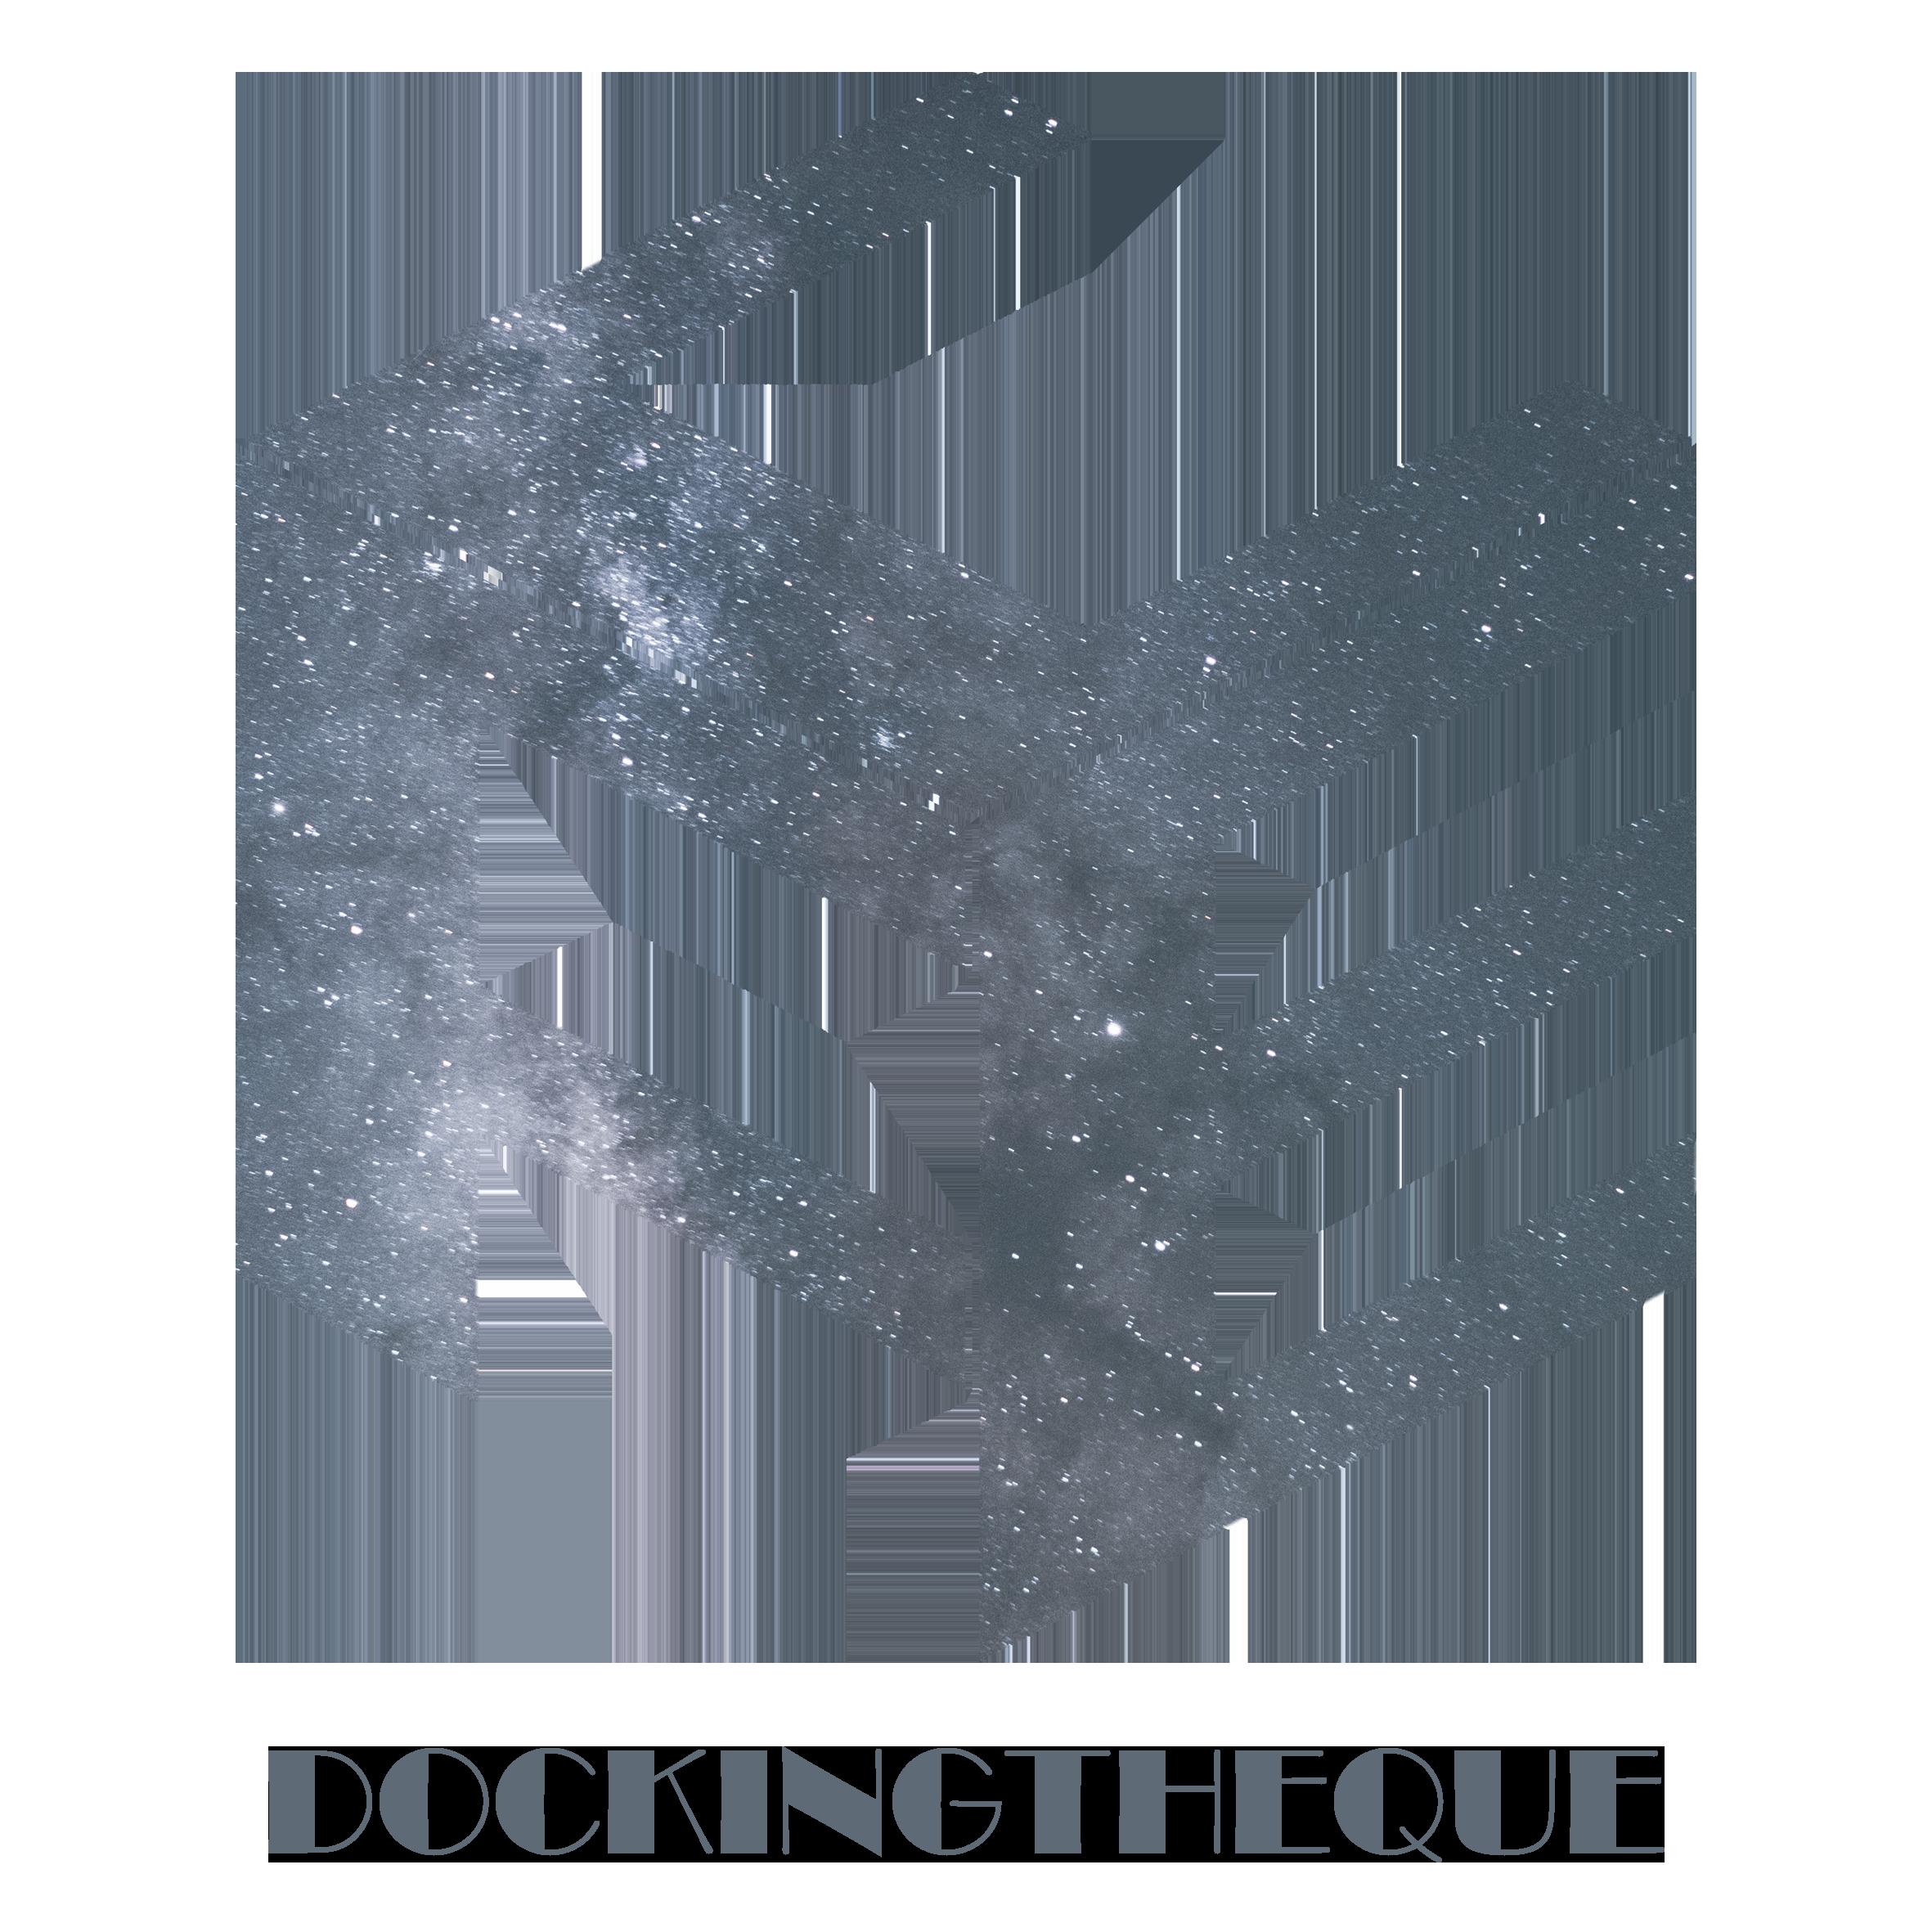 도킹텍프로젝트